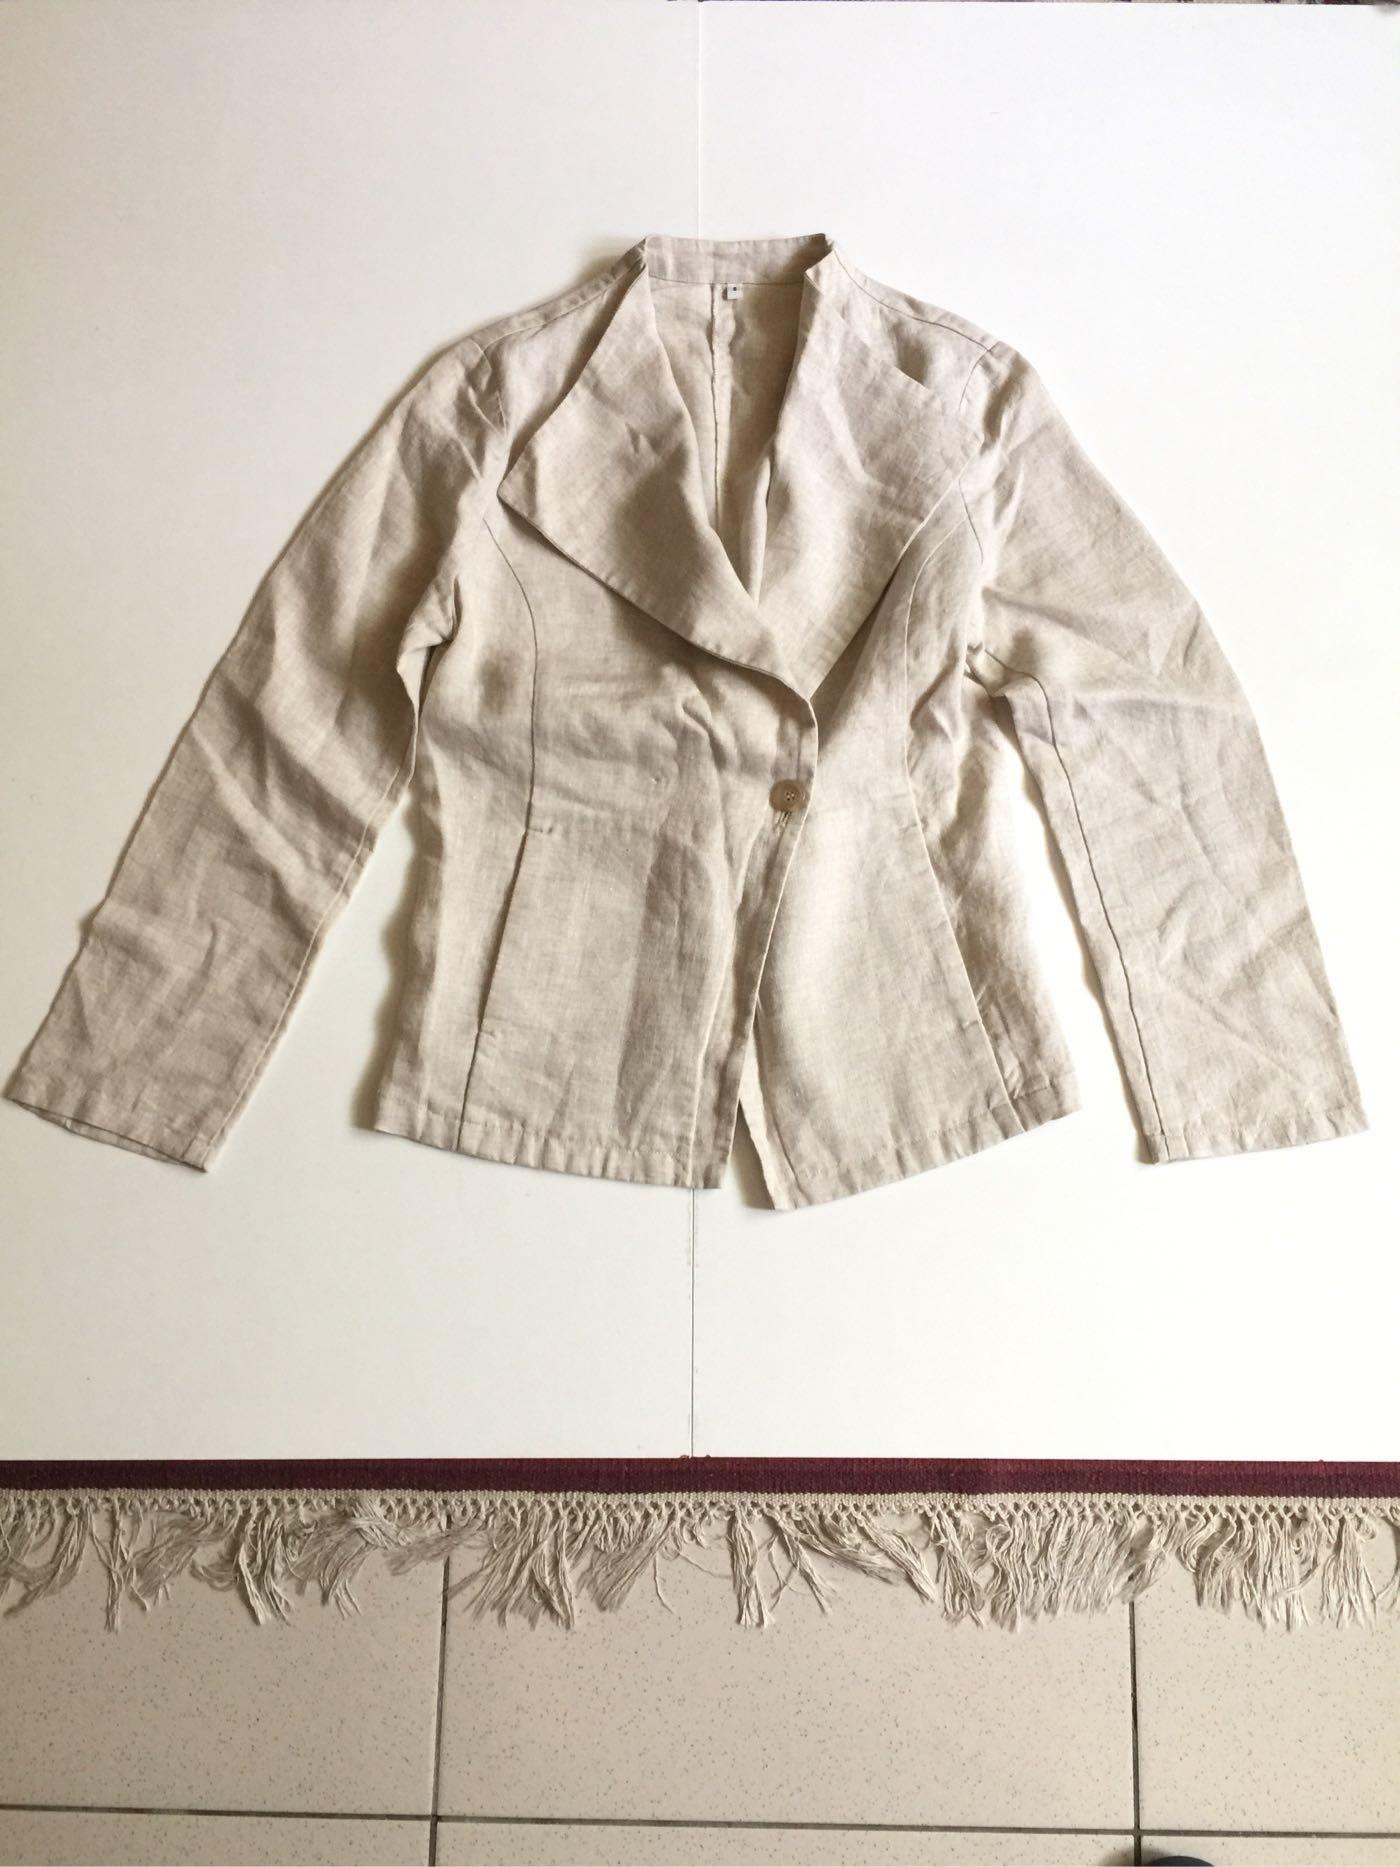 Muji 無印良品 西裝外套 麻外套 休閒外套 學院 復古 外套 極簡 薄外套 全麻 麻料